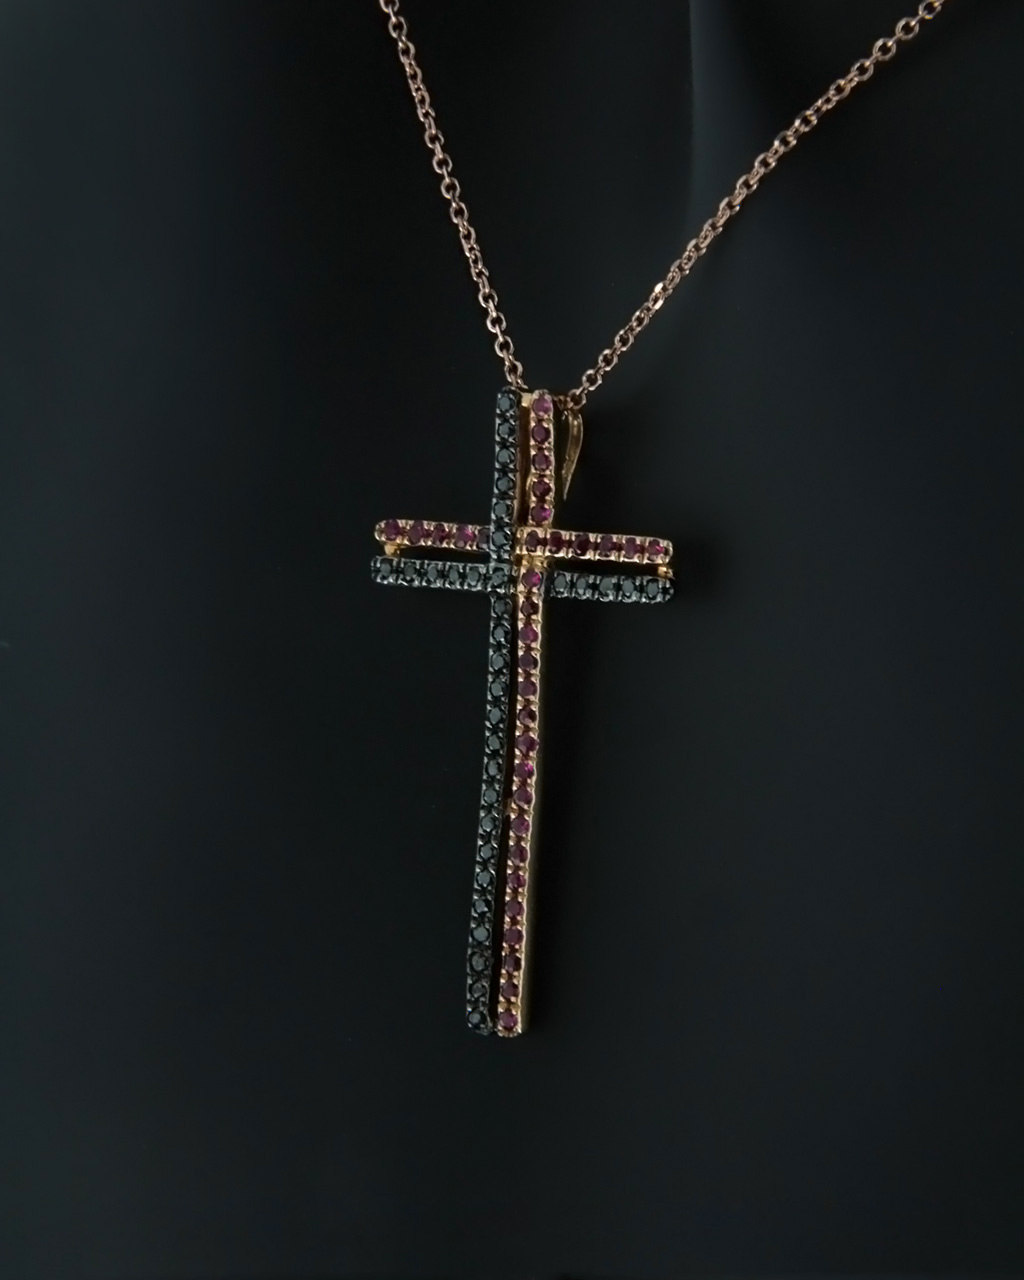 Σταυρός ροζ χρυσός Κ18 με Διαμάντια & Ρουμπίνια   παιδι βαπτιστικοί σταυροί βαπτιστικοί σταυροί για κορίτσι